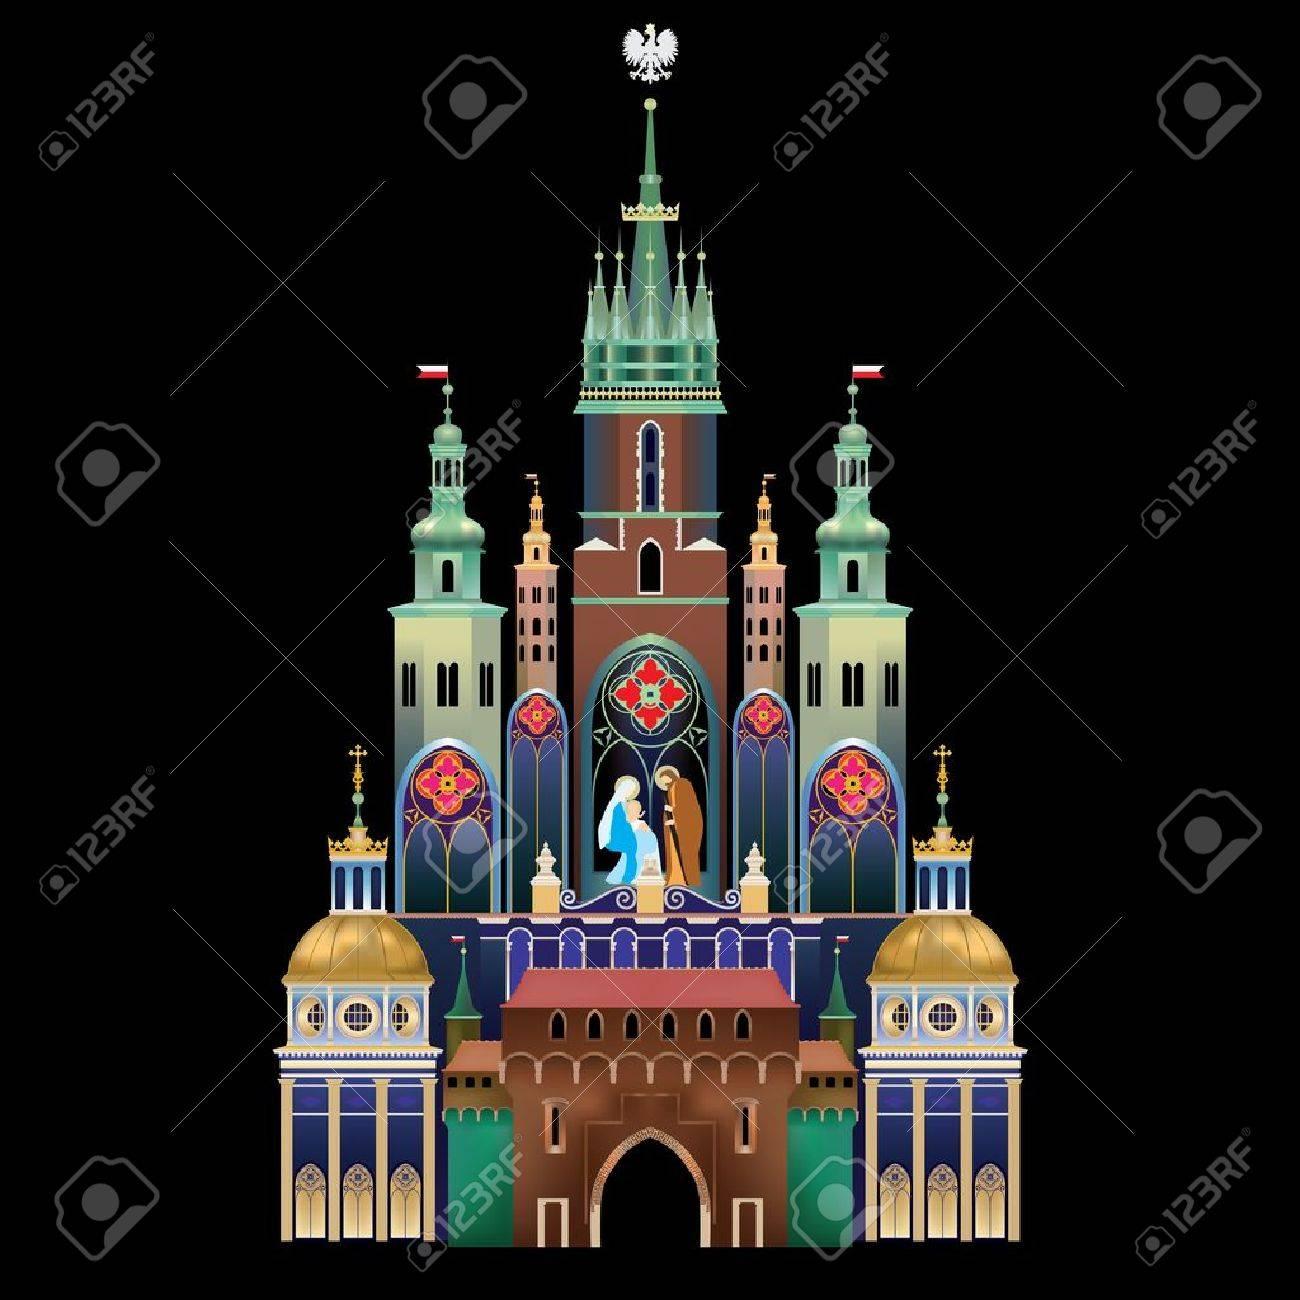 Krakow Nativity Scene - Christmas tradition - historical landmark of Krakow, Poland - Szopka Krakowska Stock Vector - 18085668